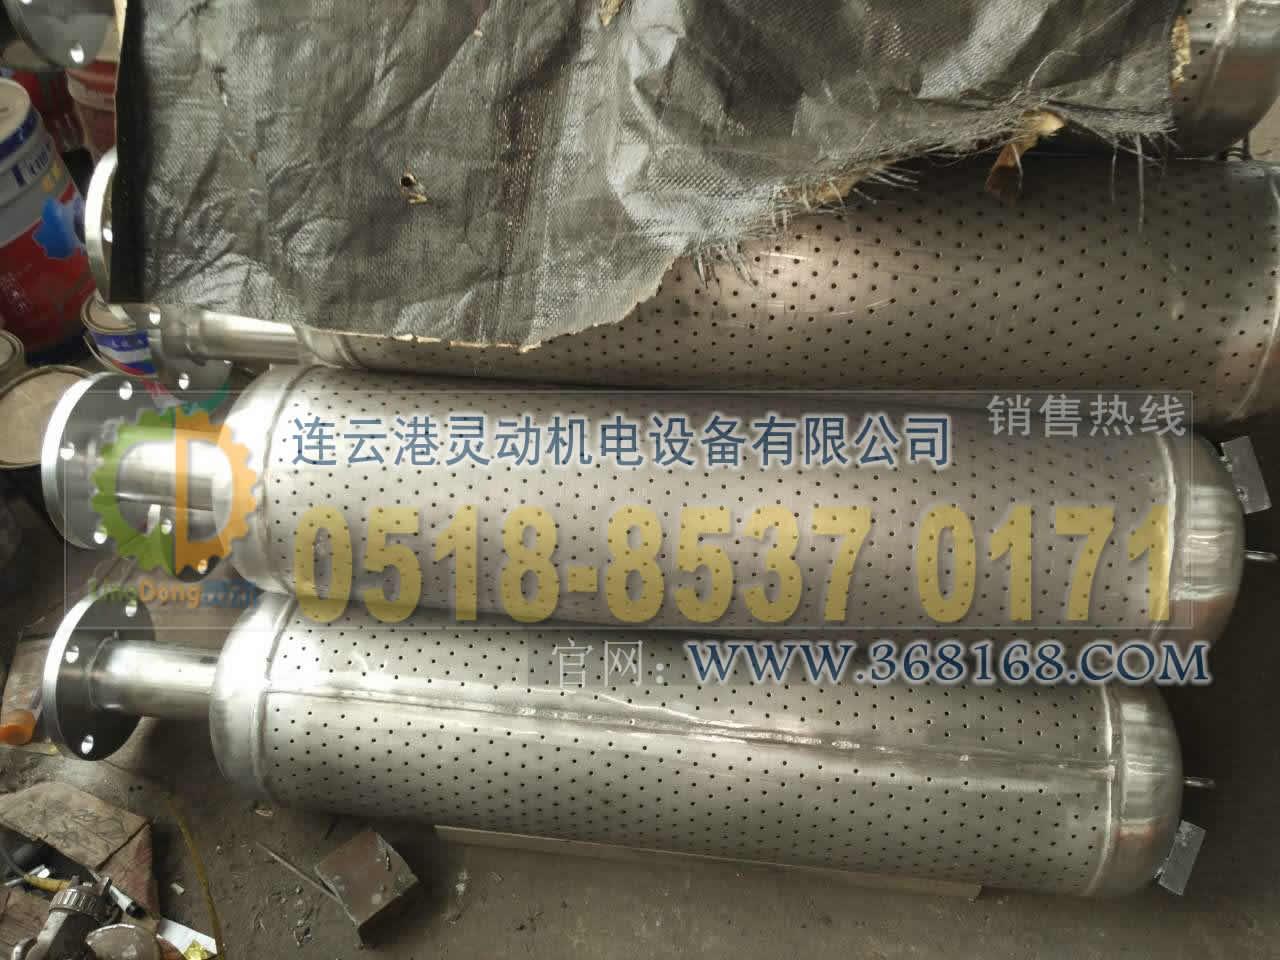 蒸汽消声器生产厂家